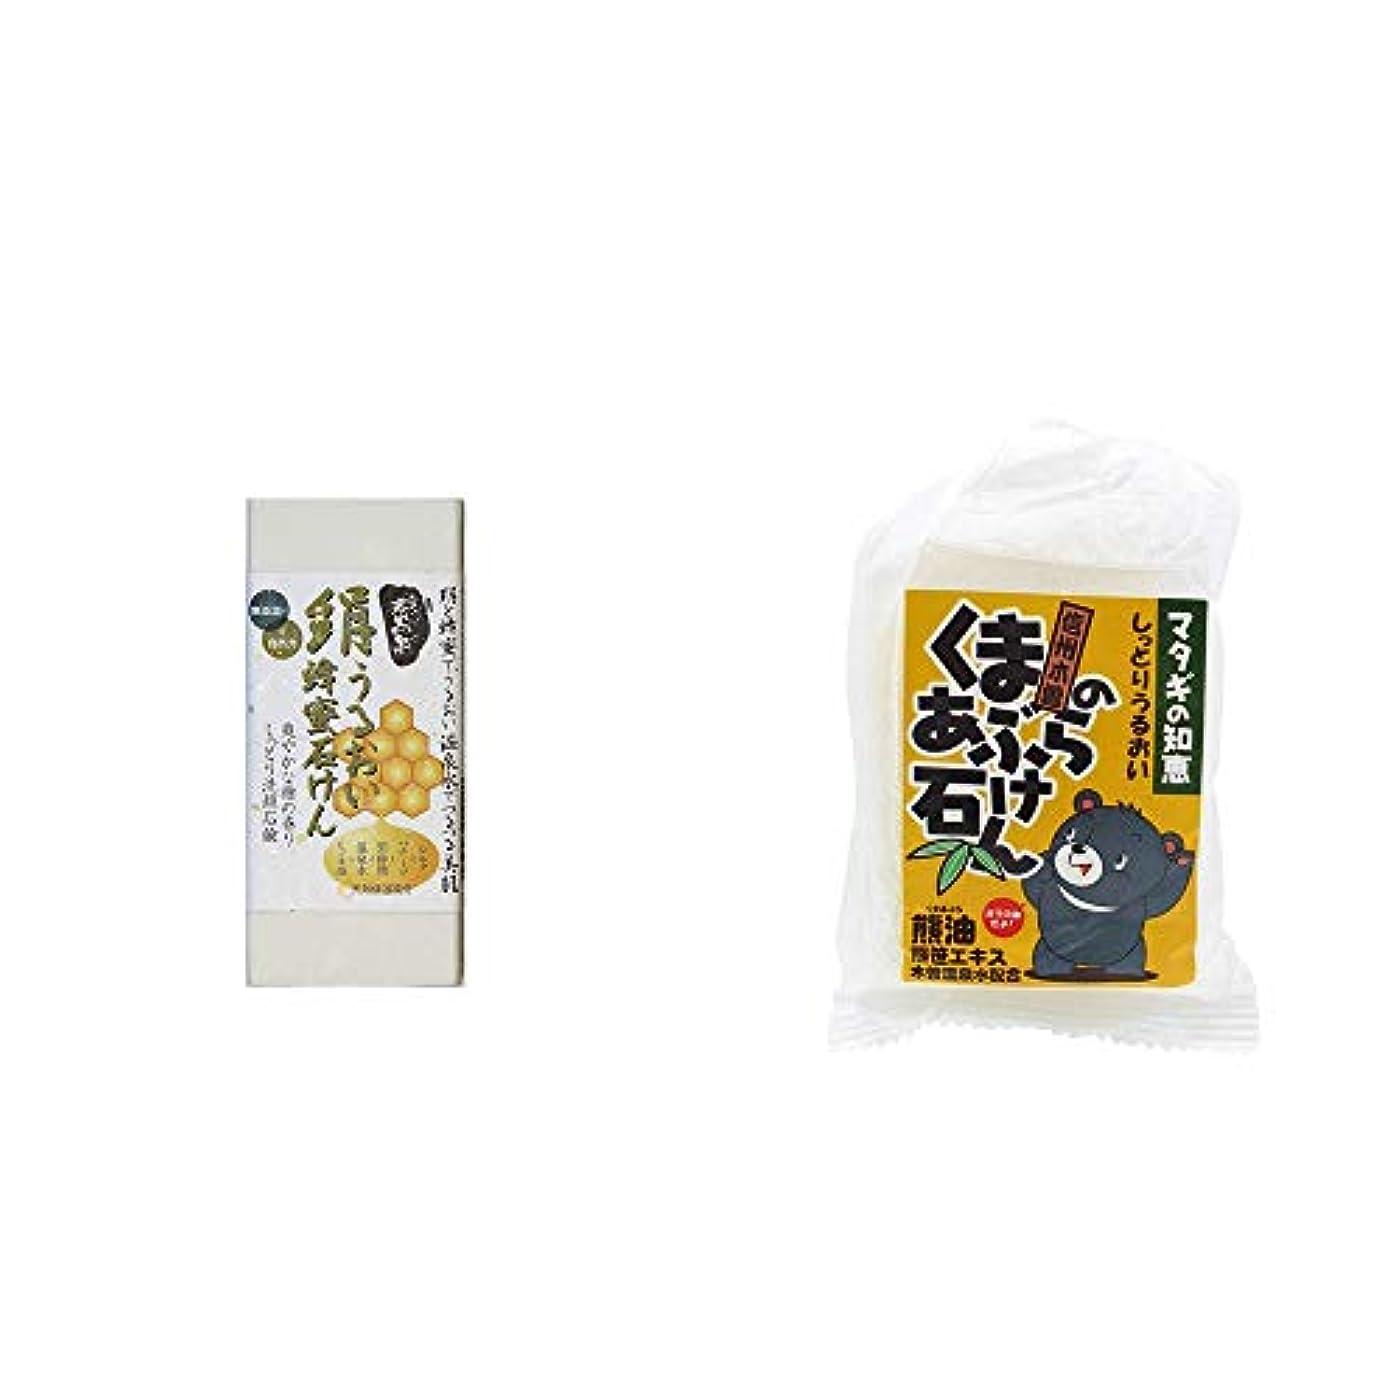 ポジティブマイコン数[2点セット] ひのき炭黒泉 絹うるおい蜂蜜石けん(75g×2)?信州木曽 くまのあぶら石けん(80g)